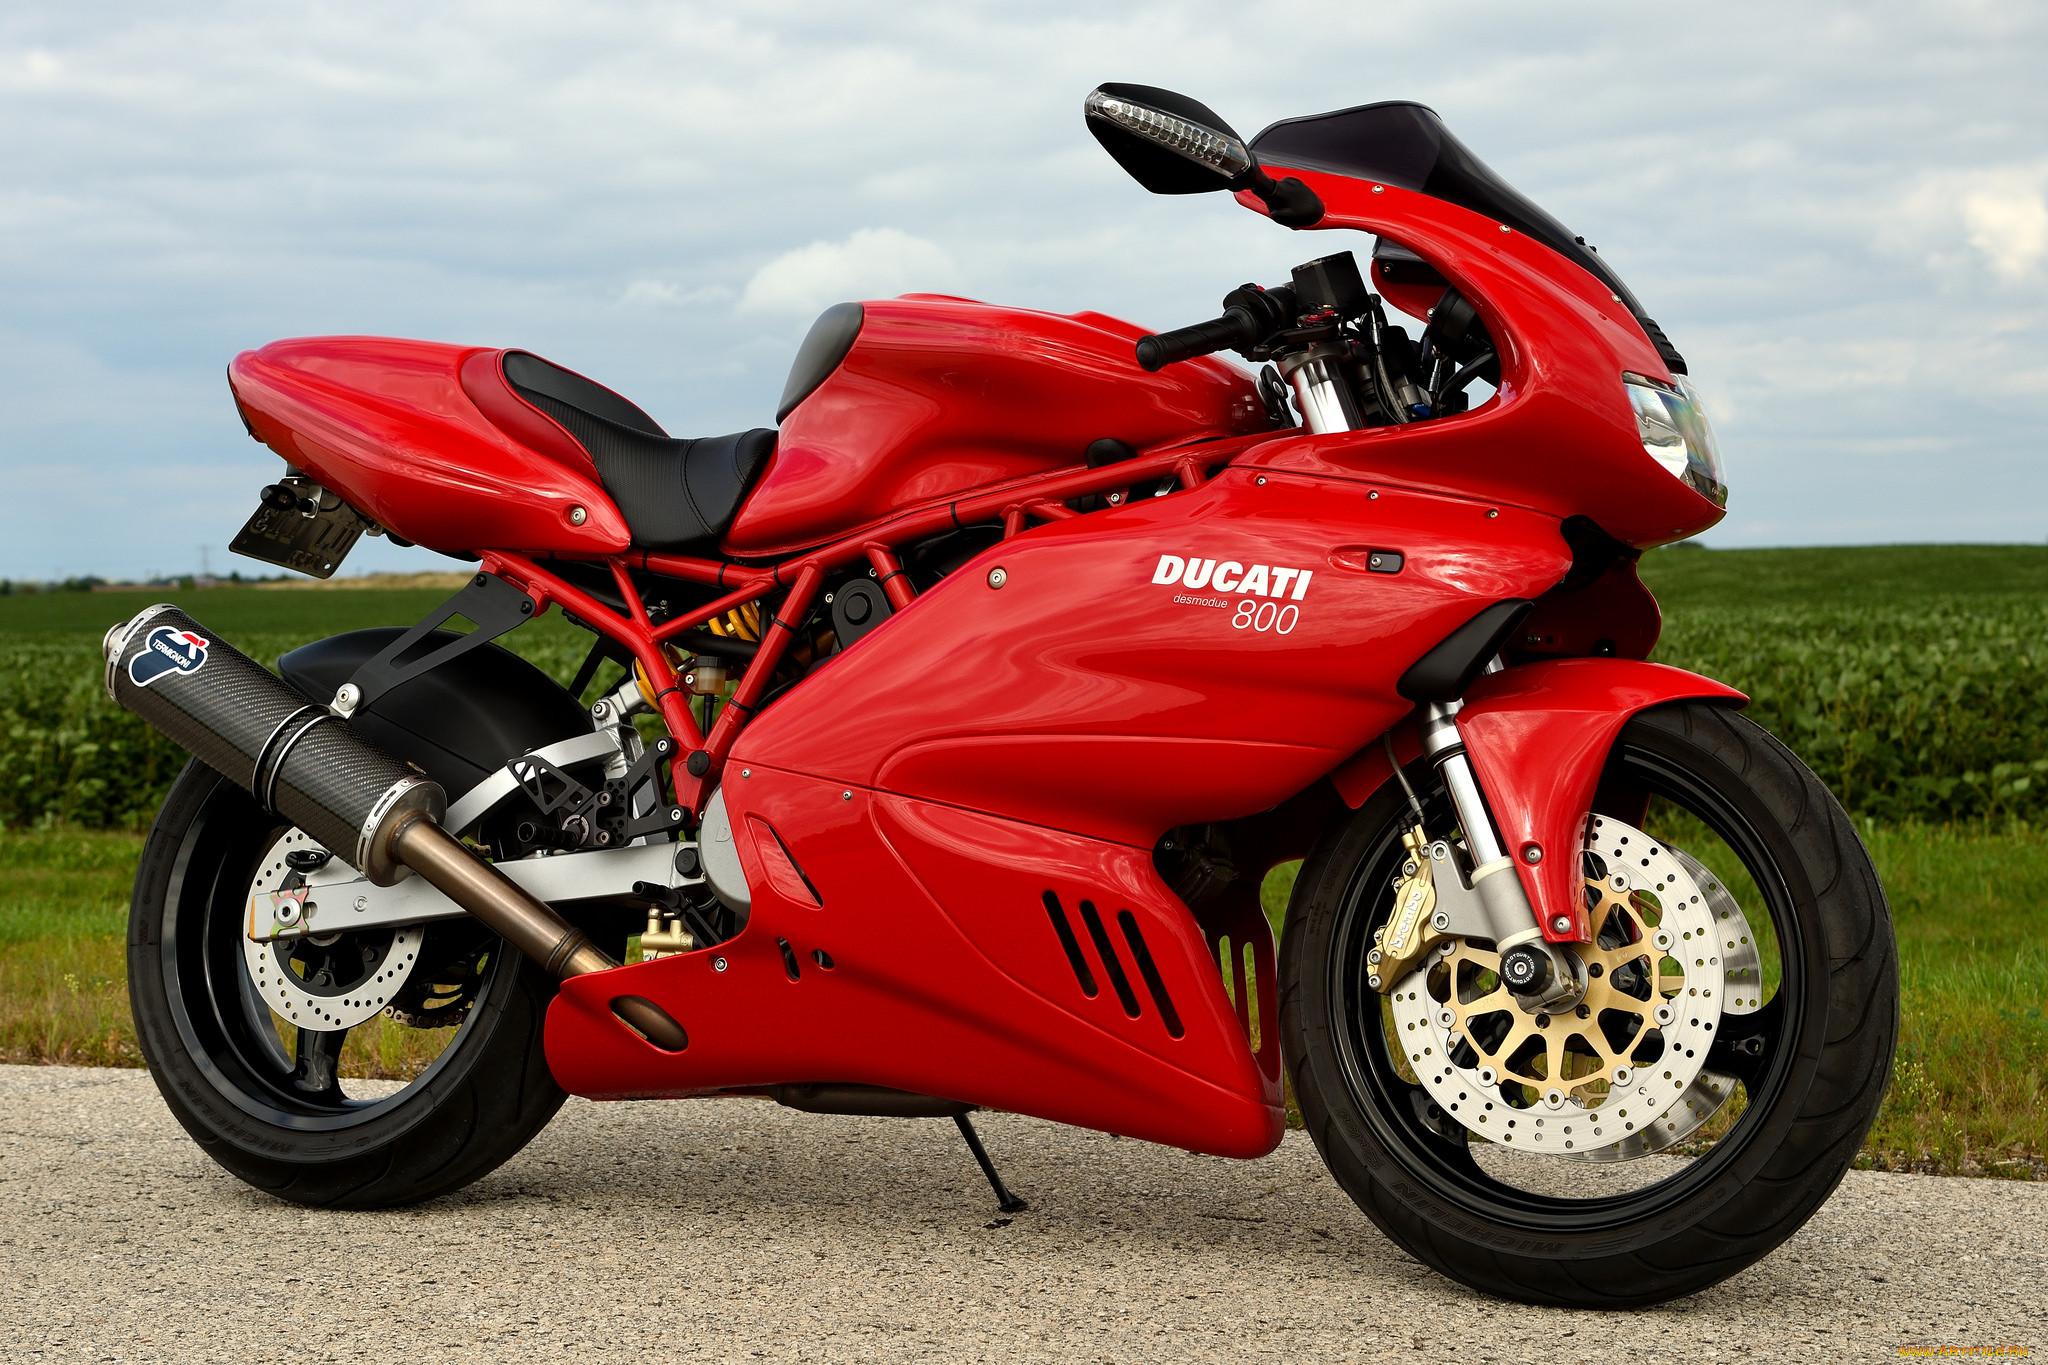 Посмотреть фотографии мотоциклов я